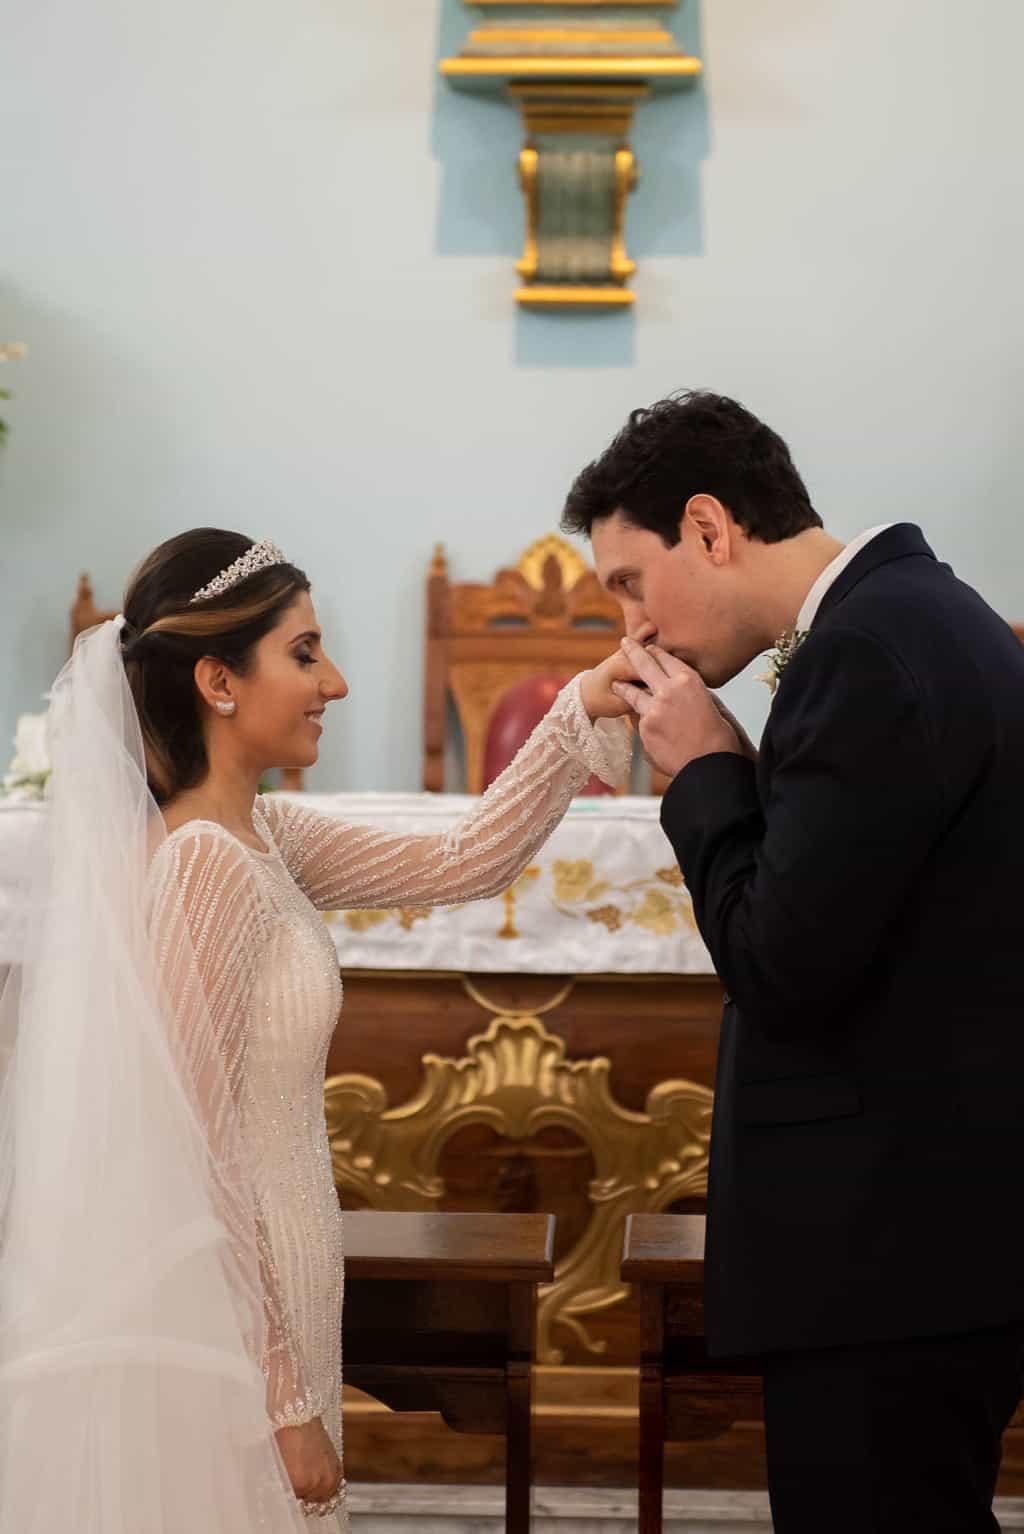 casamento-luiza-e-gustavo-cerimonial-casamento-de-ideias-fotografia-lenine-serejo24